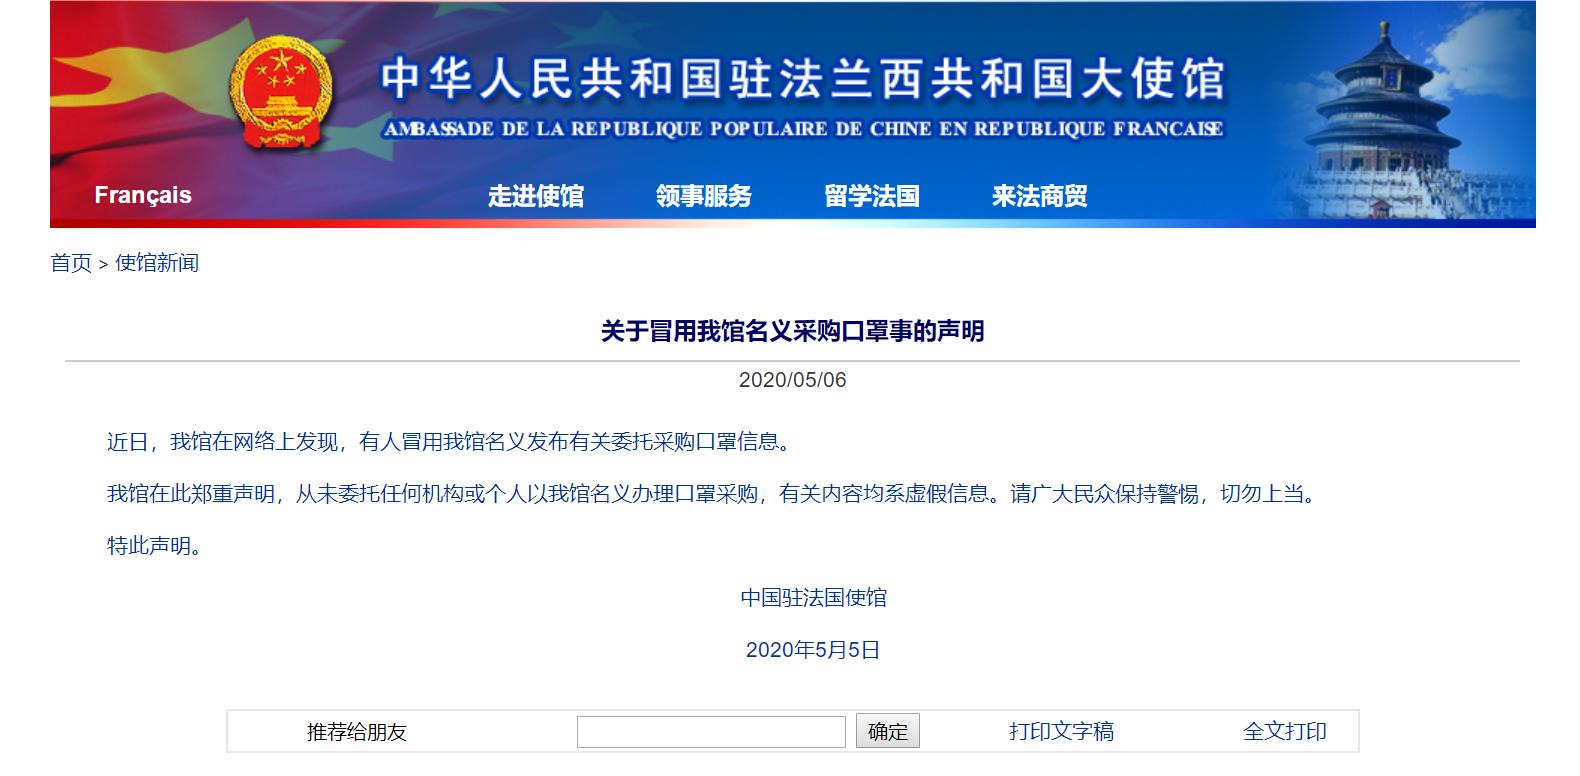 华美平台,国大使馆华美平台发布委托采购口图片